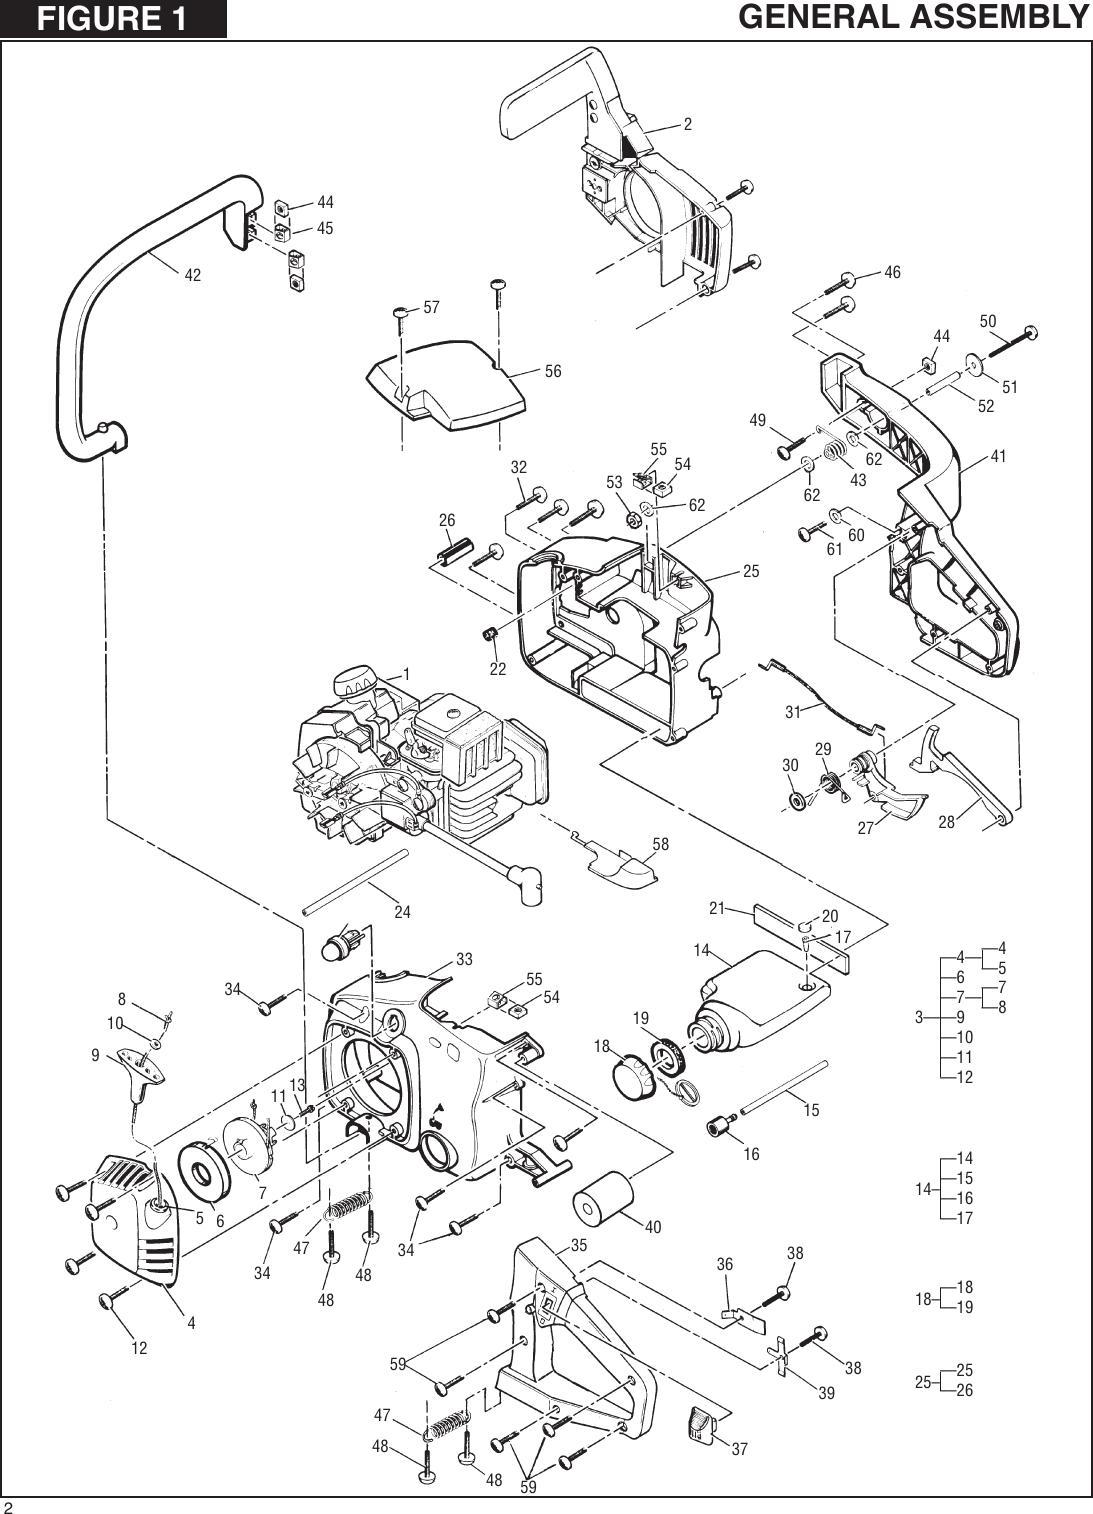 Mcculloch Ms1635Av Illustrated Parts Breakdown ManualsLib